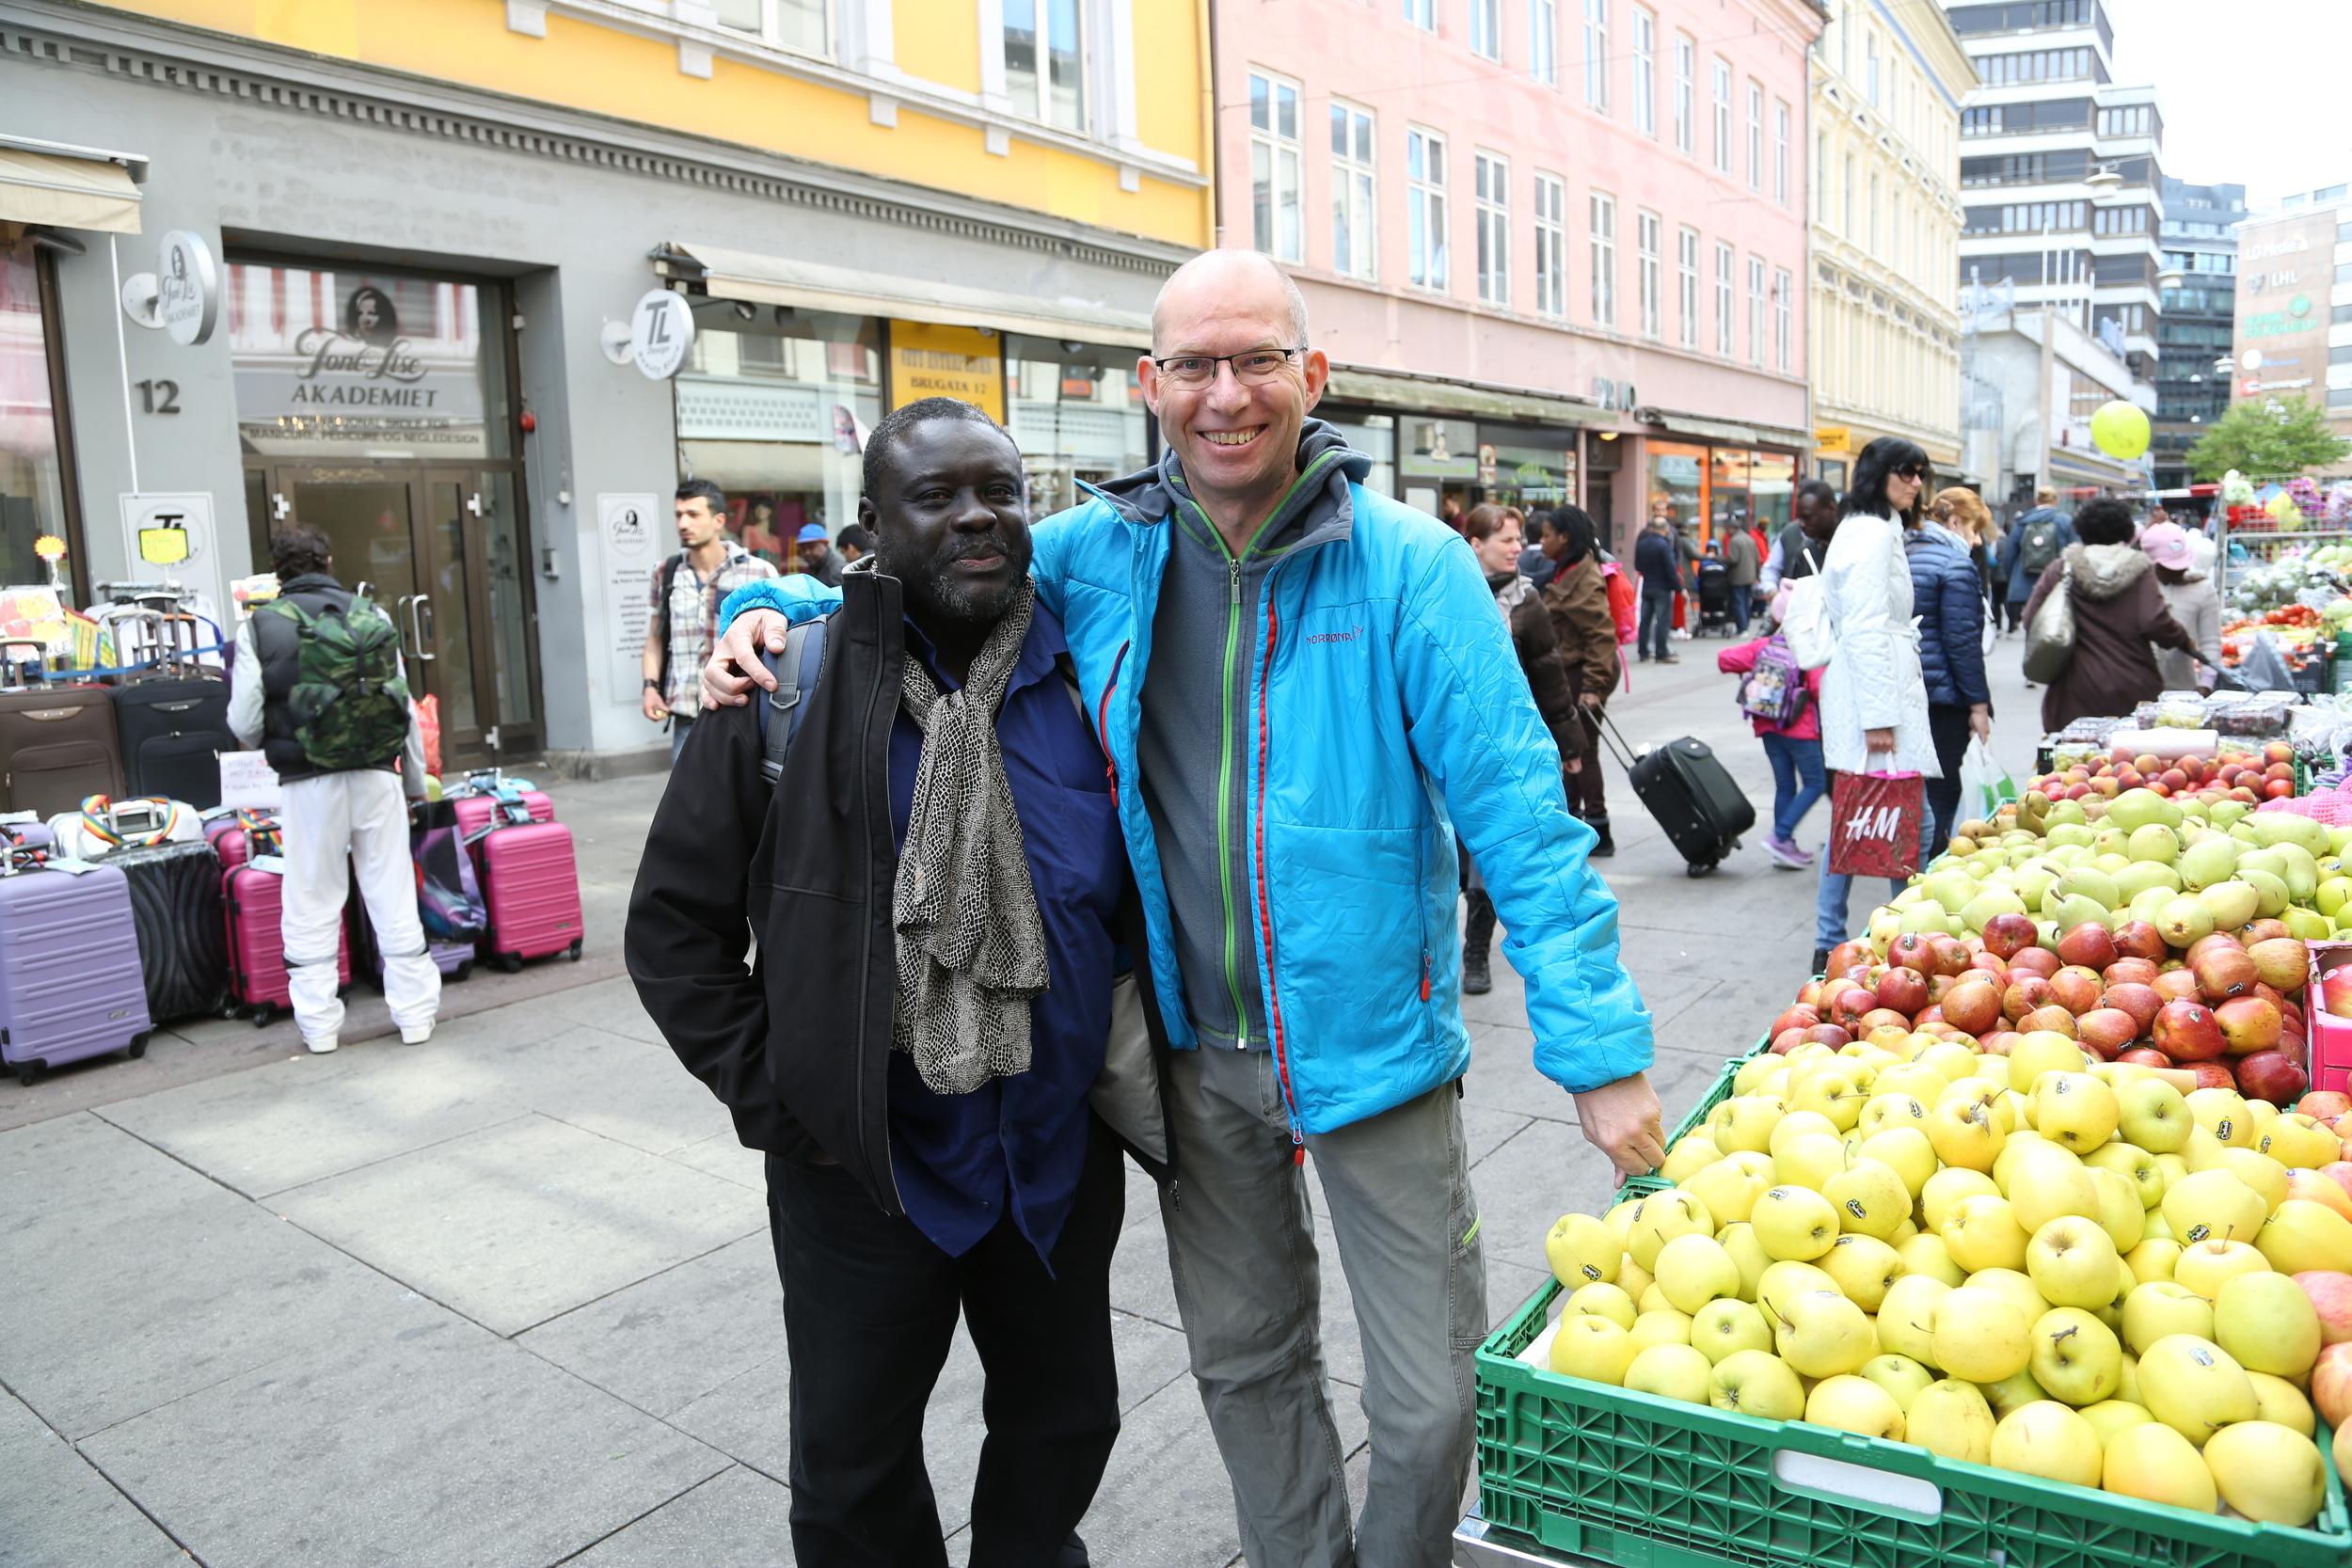 -Jeg er for mørk, sa mannen til venstre. -Nei, det er jeg som er for blek, svarte jeg.  Og så fikk vi begge en god latter - og et hyggelig bilde.